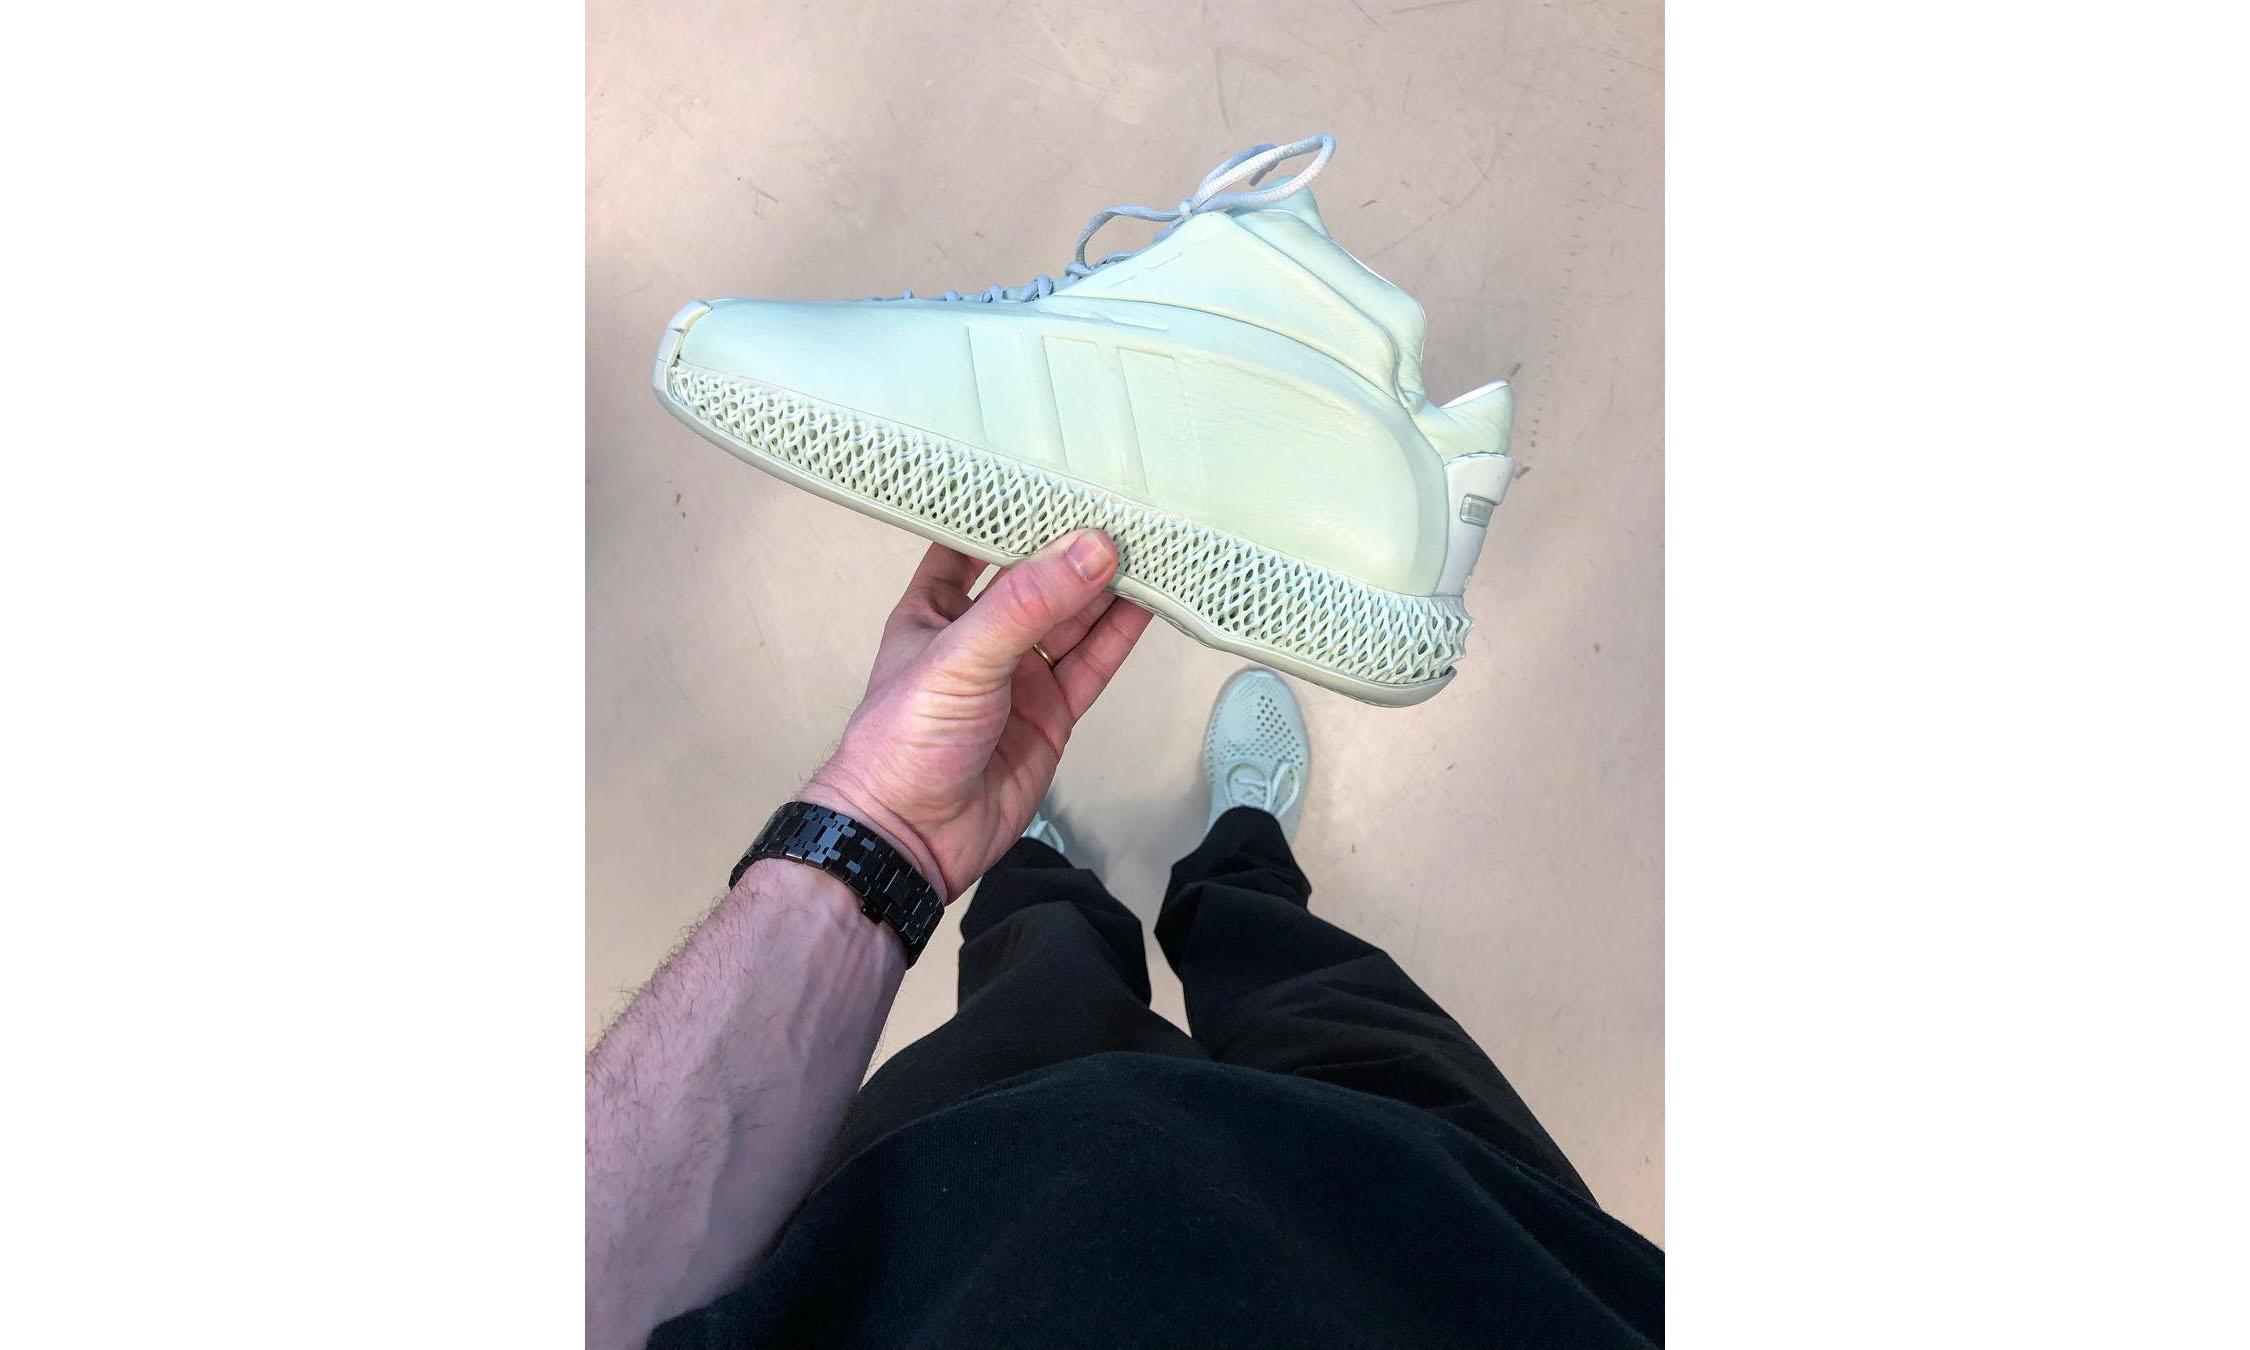 Daniel Arsham 为 adidas Kobe Crazy 1 打造 4D 版本